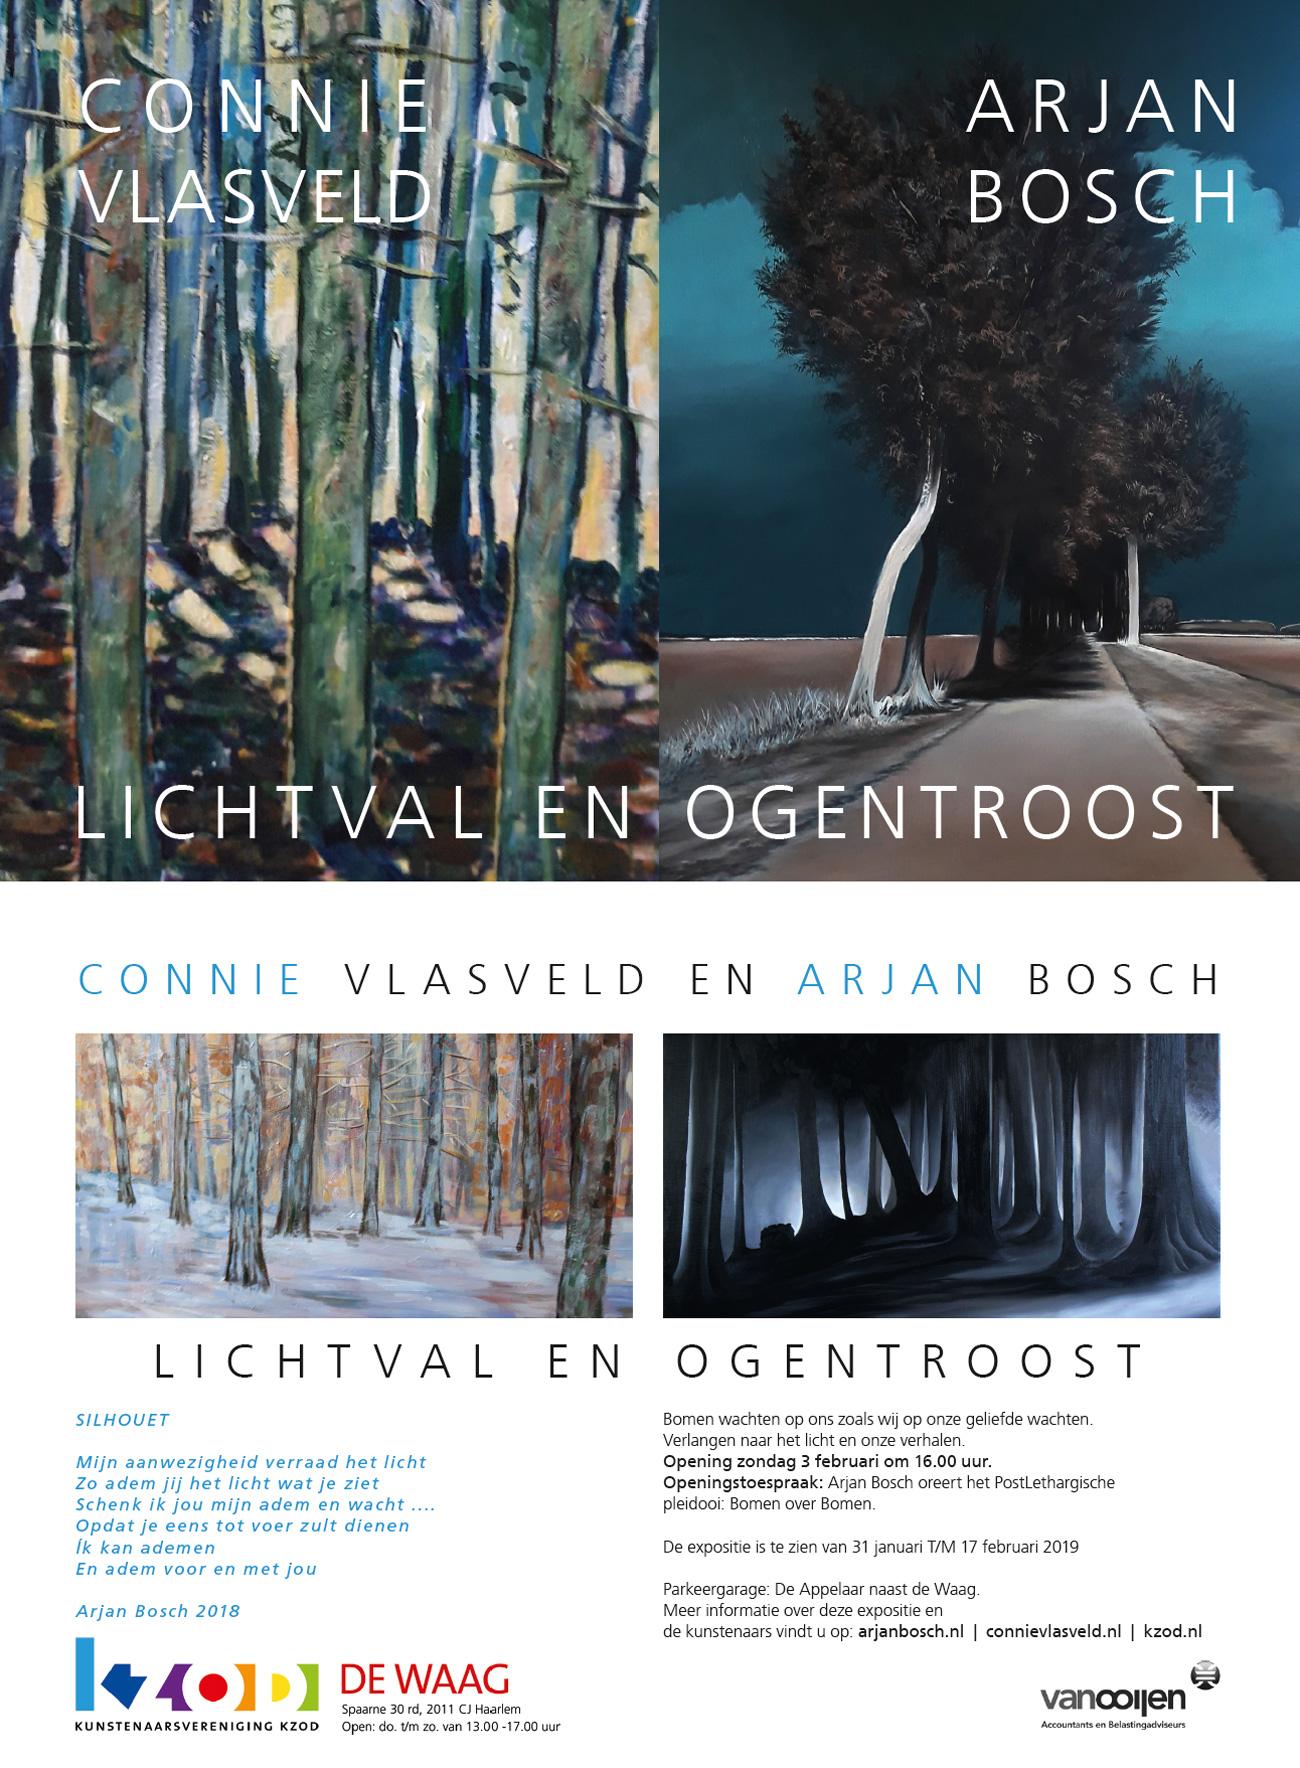 Expositie Connie Vlasveld  en Arjan Bosch | LICHTVAL EN OGENTROOST